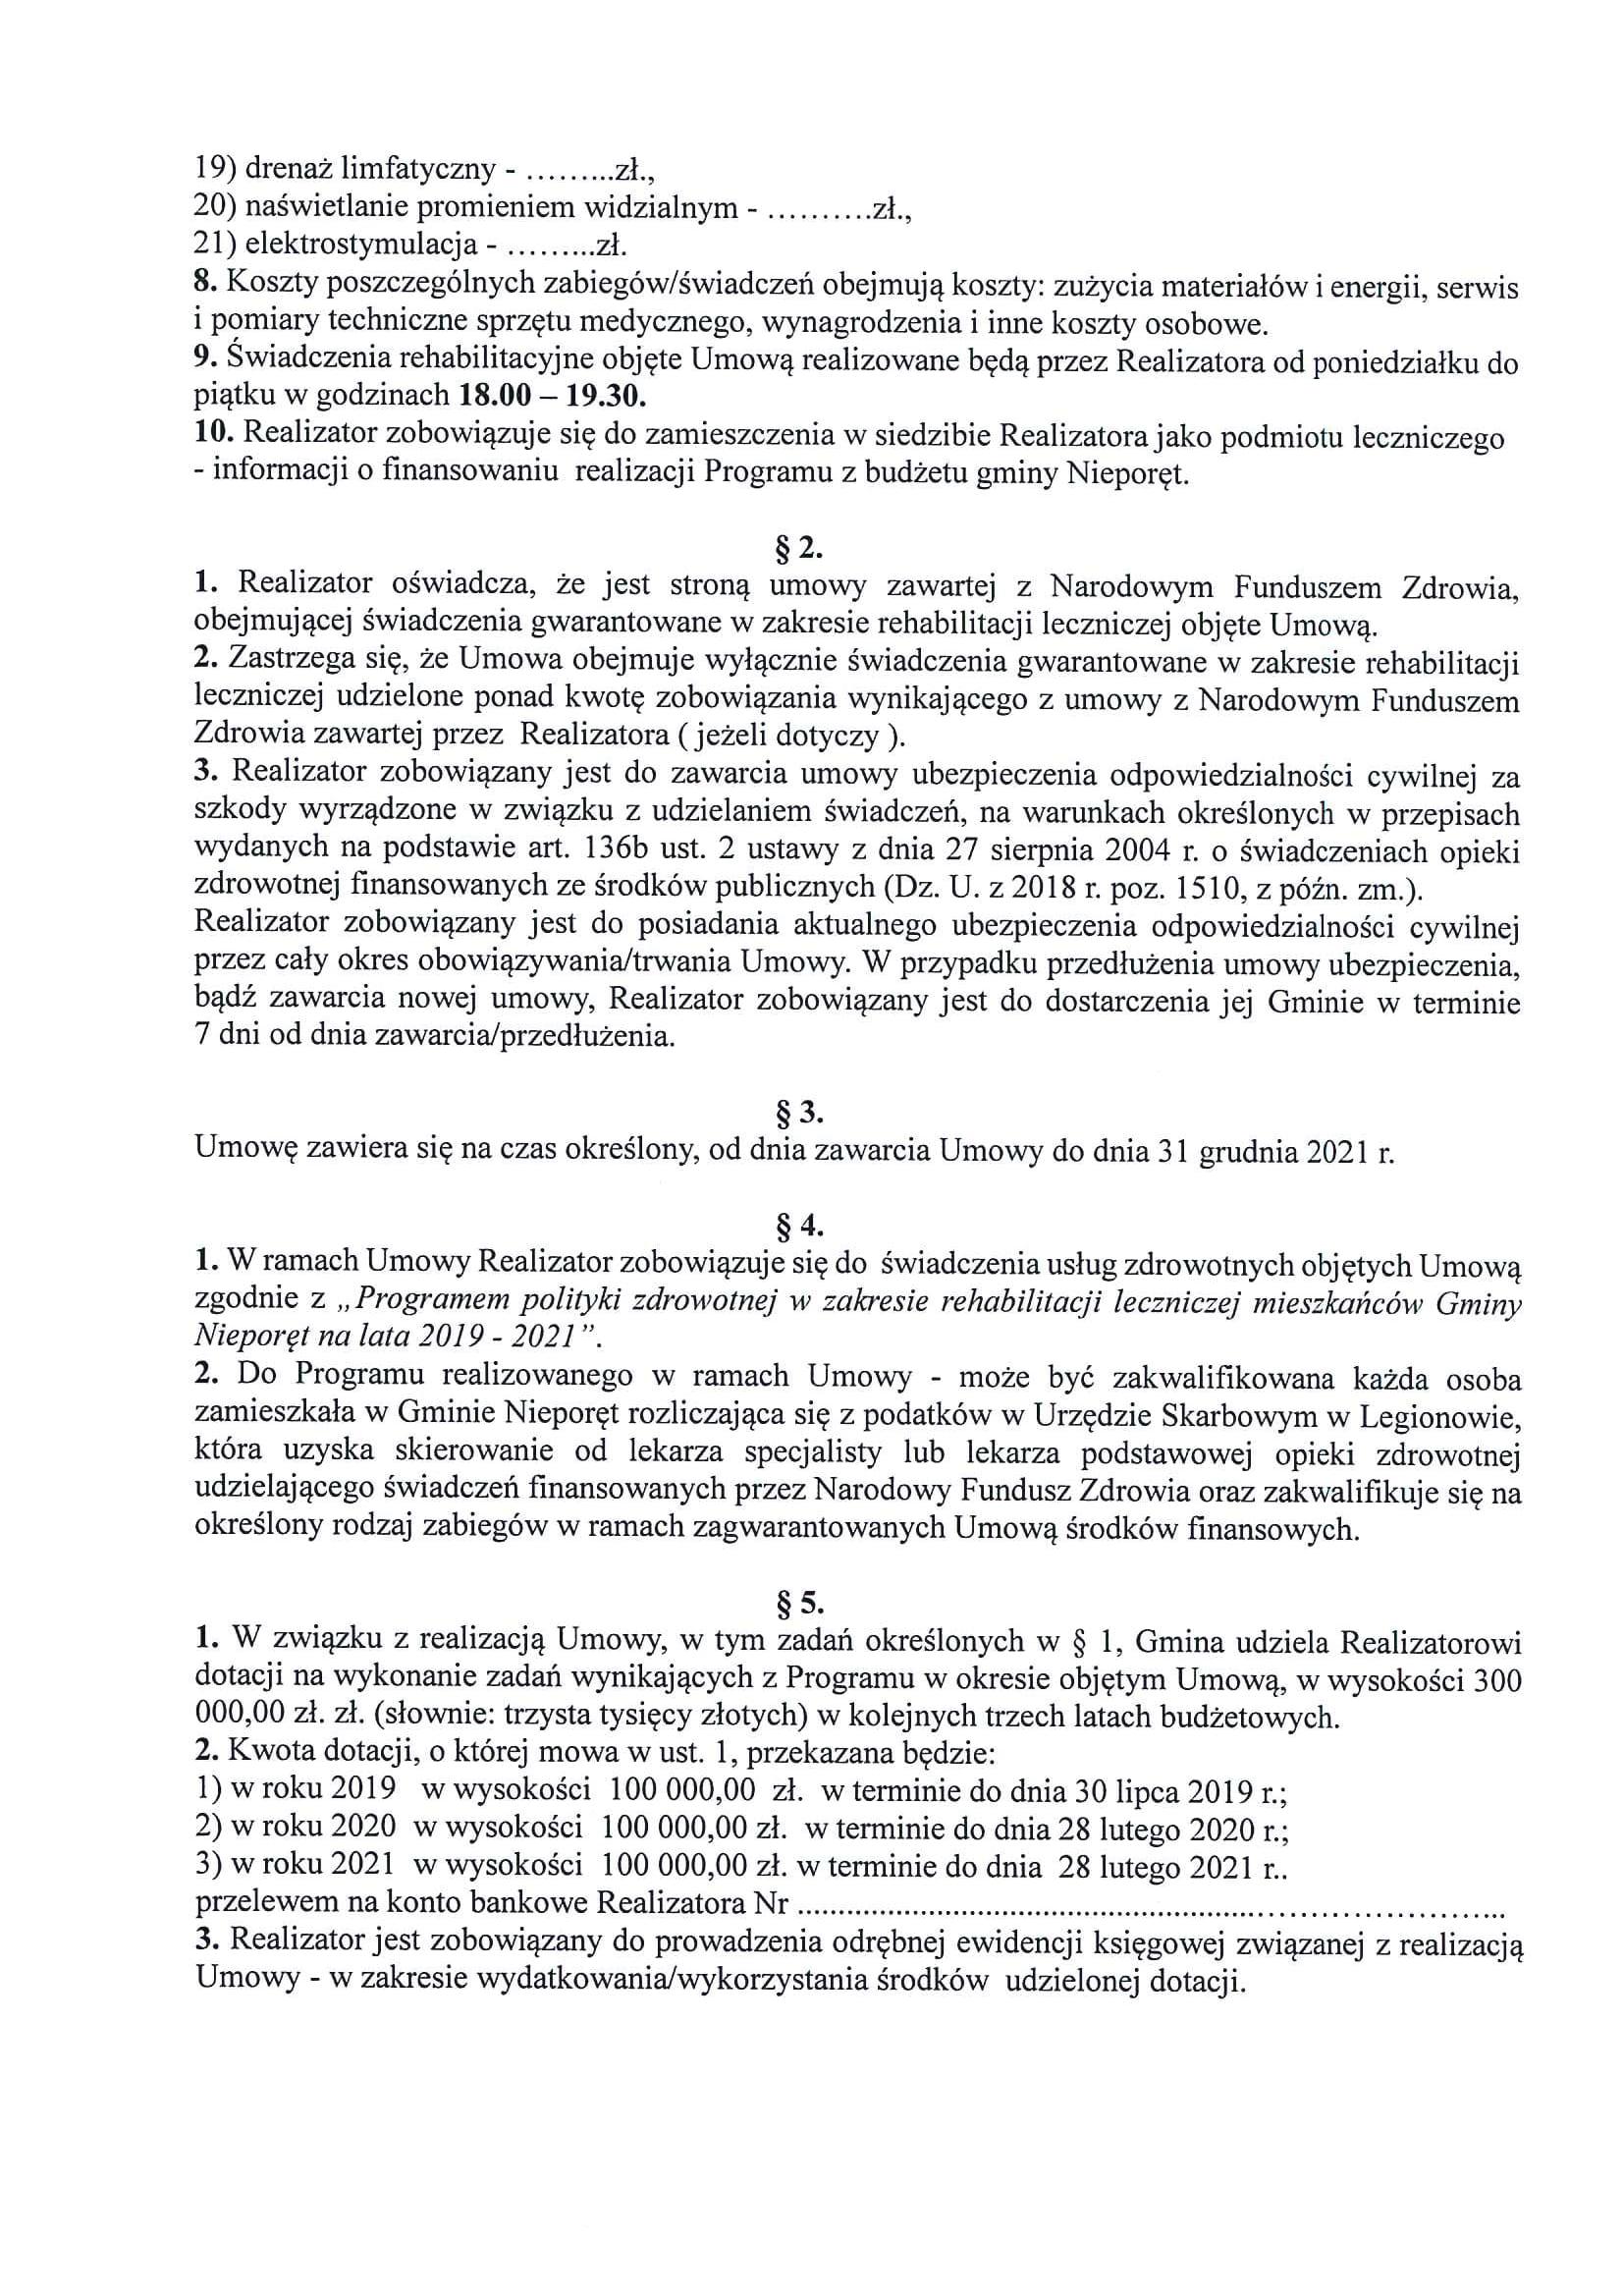 zarza.183.2019-15